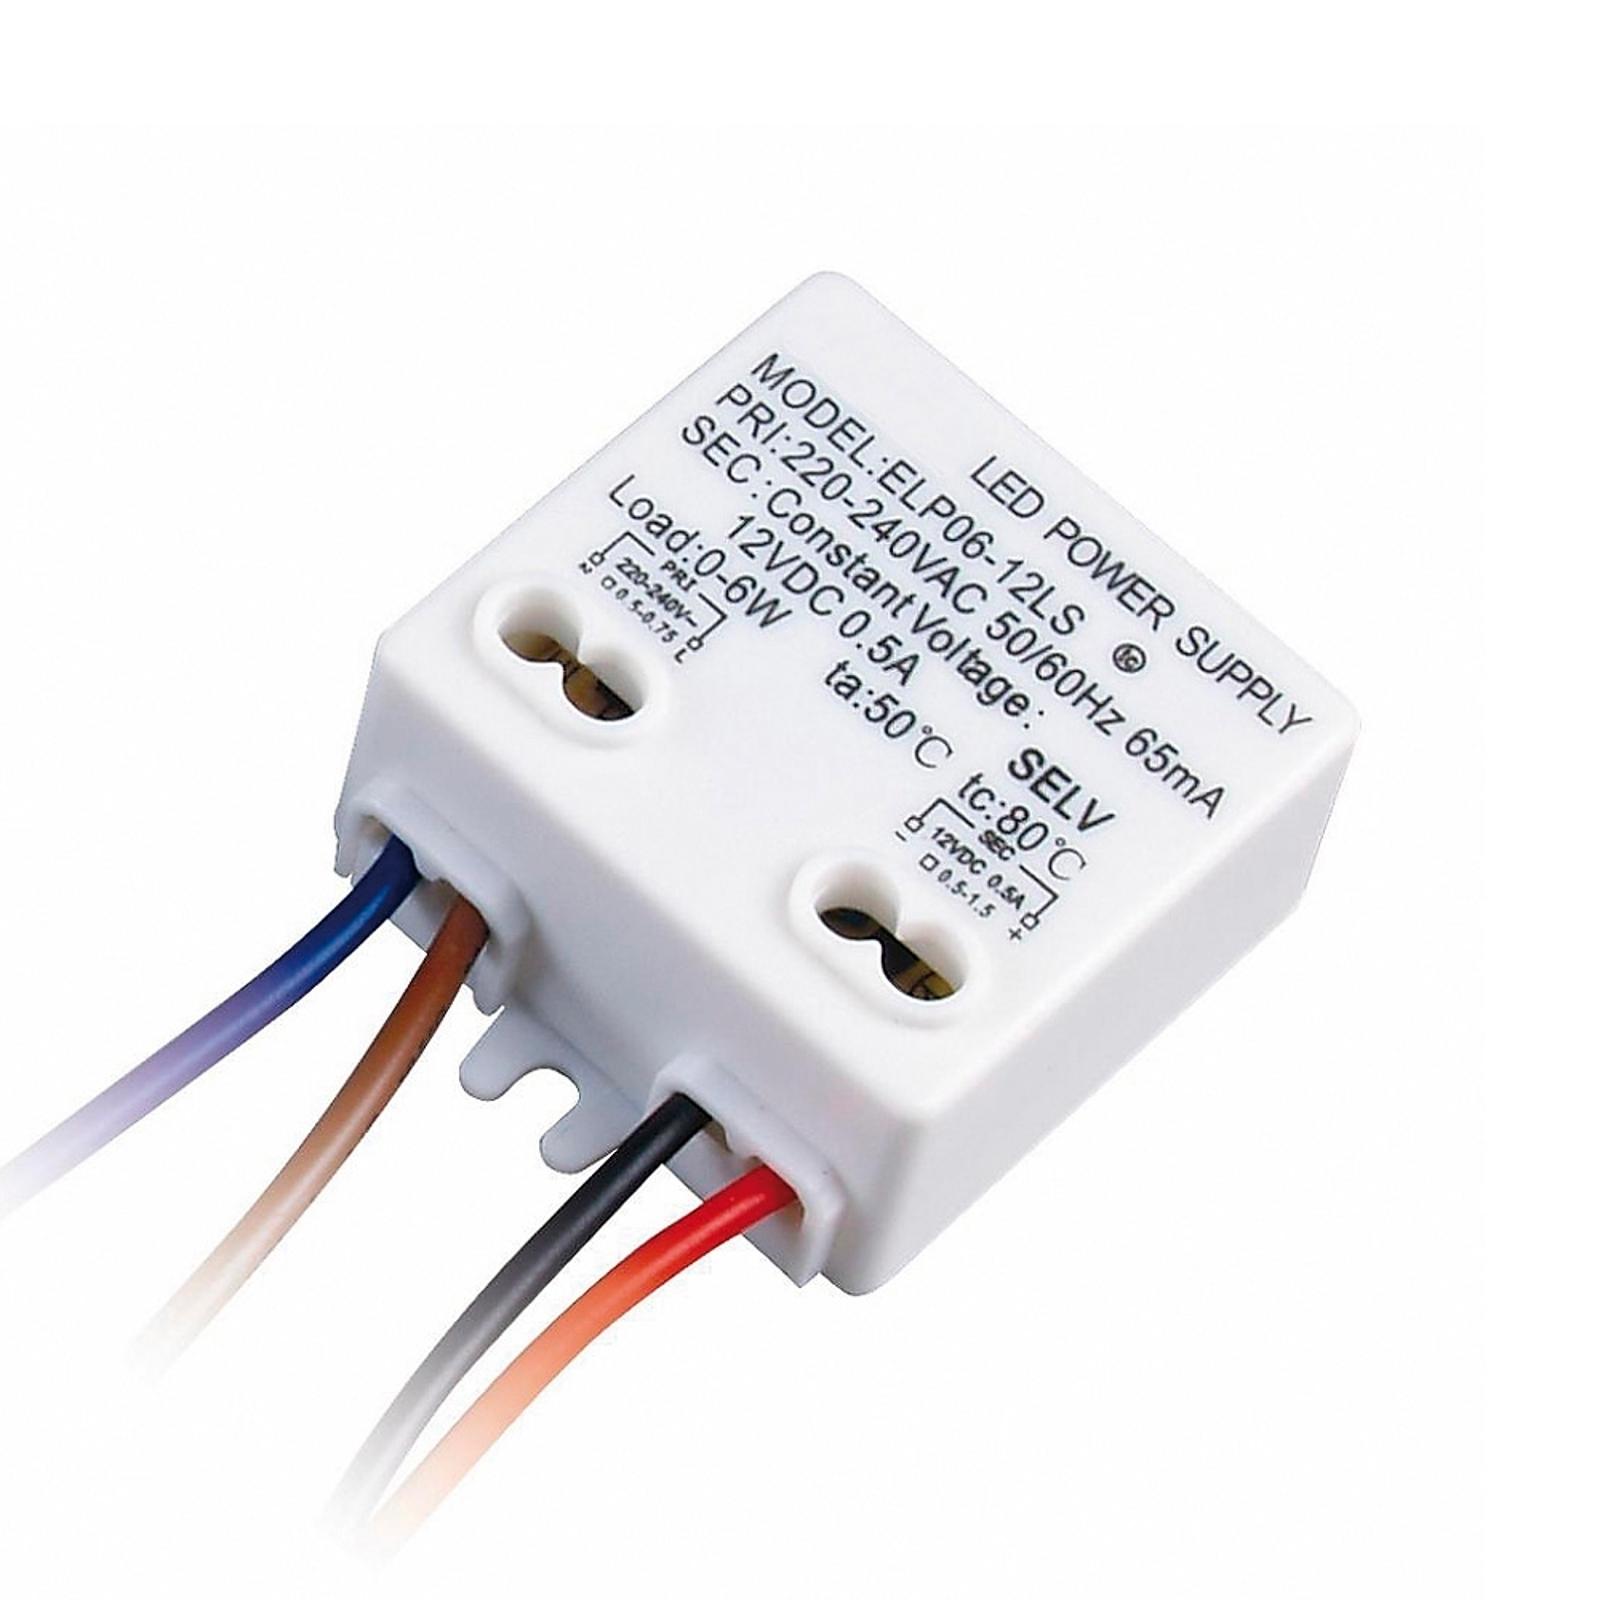 LED elektronisk ballast på 6 watt